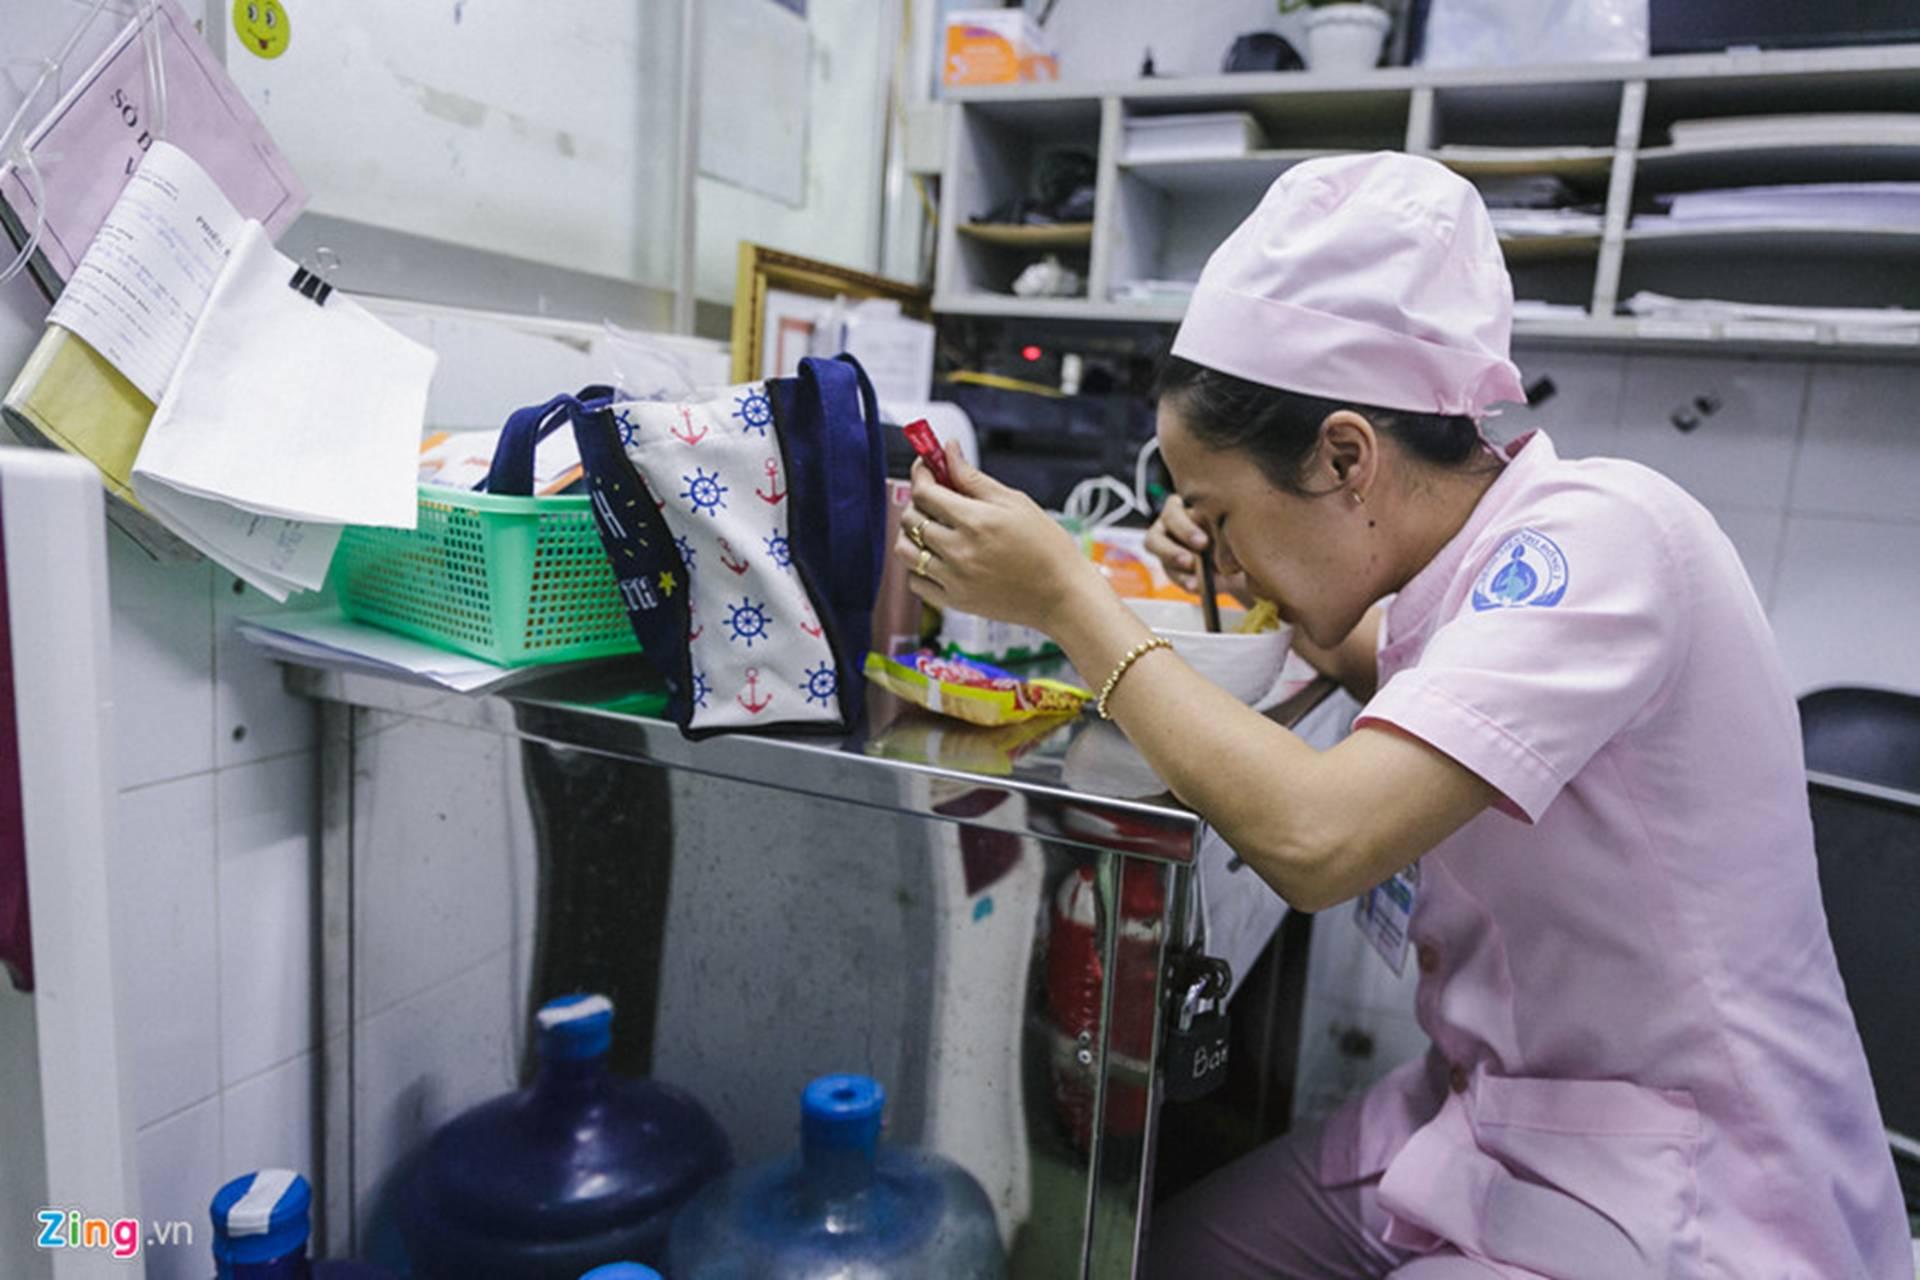 Bệnh viện Nhi ở Sài Gòn vỡ trận vì dịch chồng dịch-17